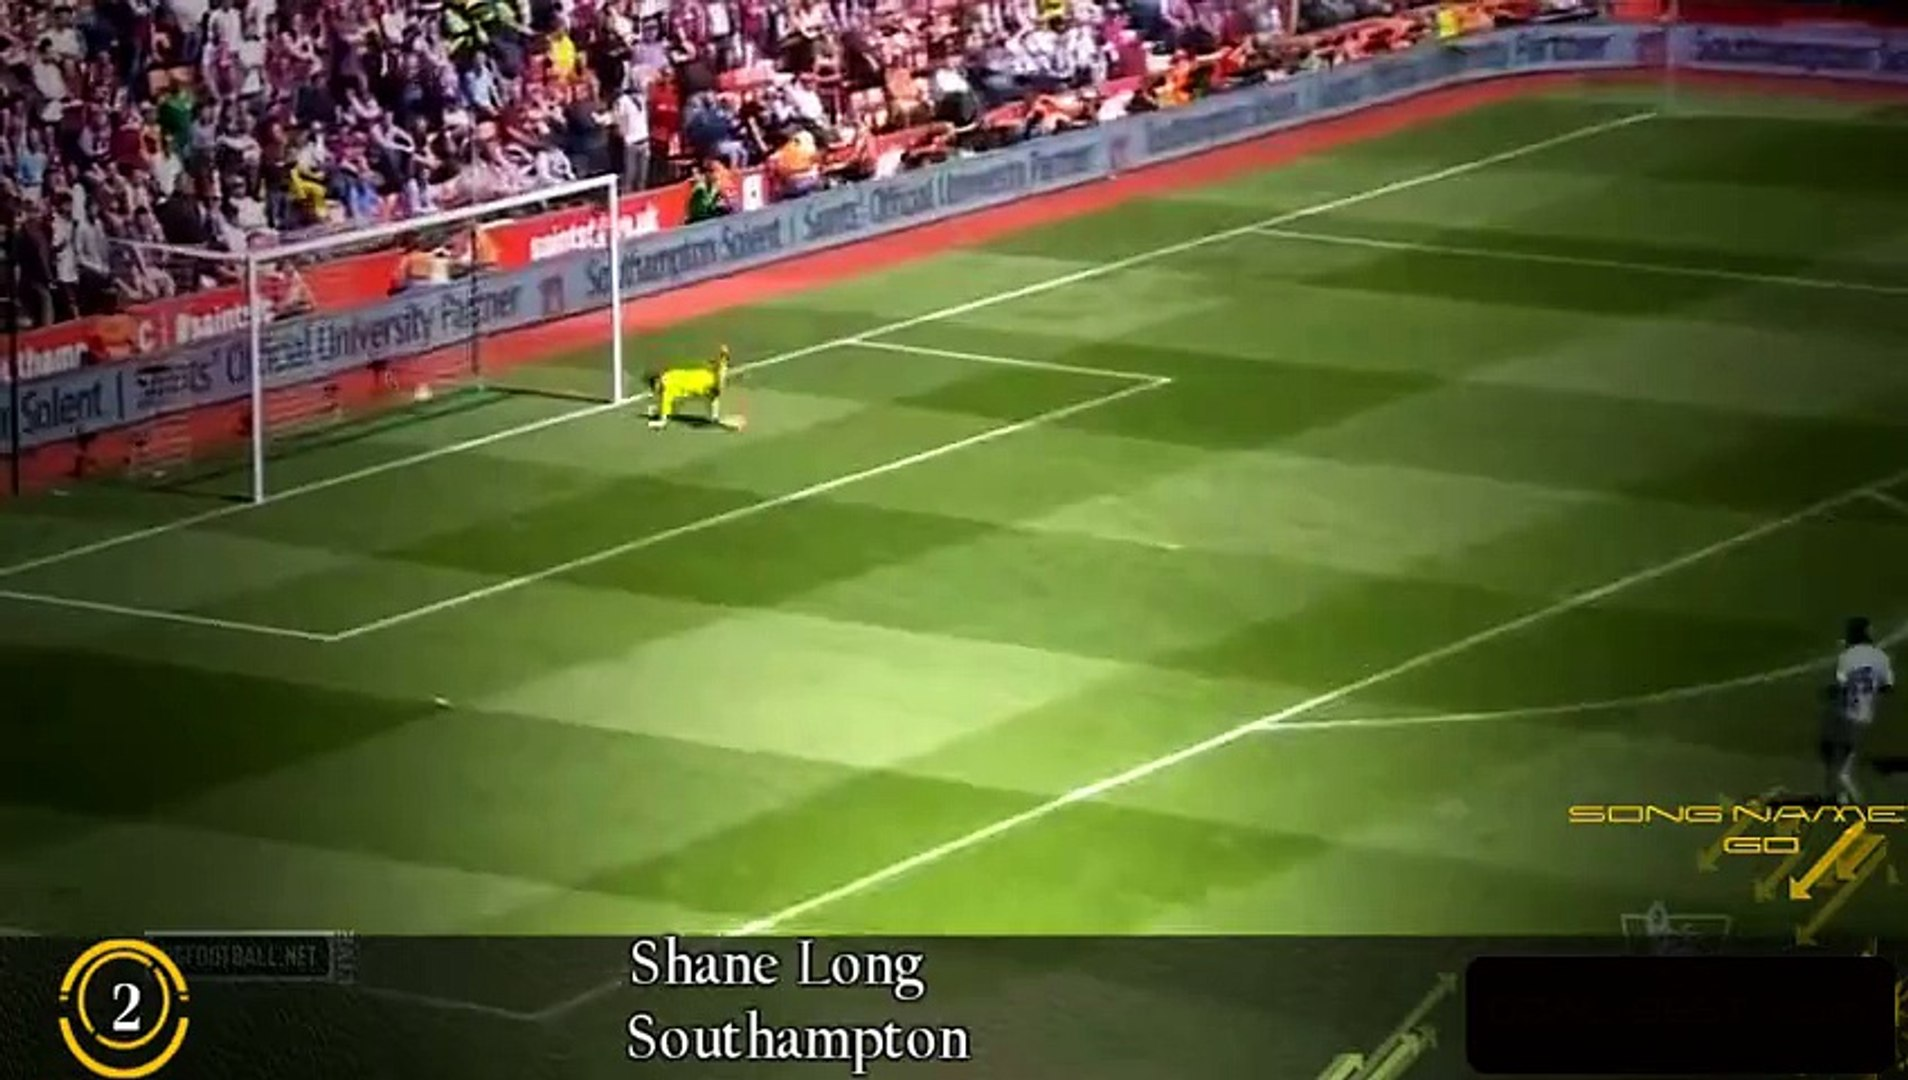 Cú đệm lòng của Shane Long được bầu chọn là bàn thắng đẹp nhất tuần qua